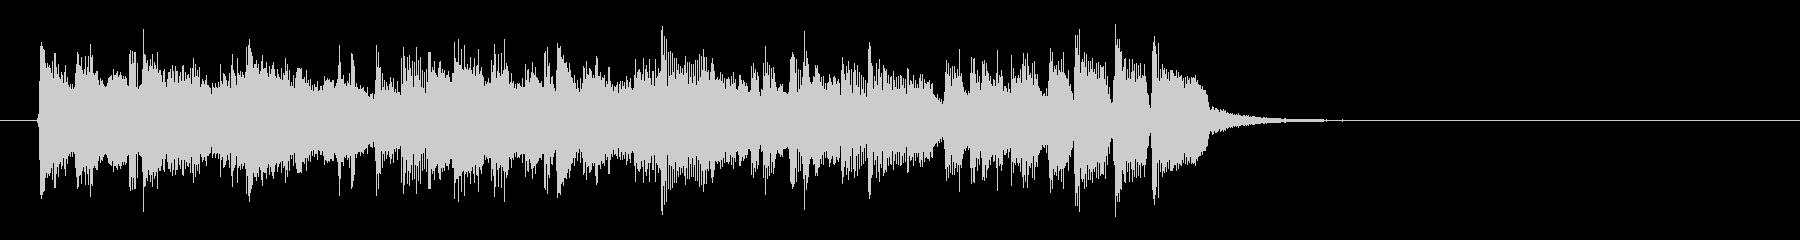 軽快なポップフュージョン(サビ)の未再生の波形